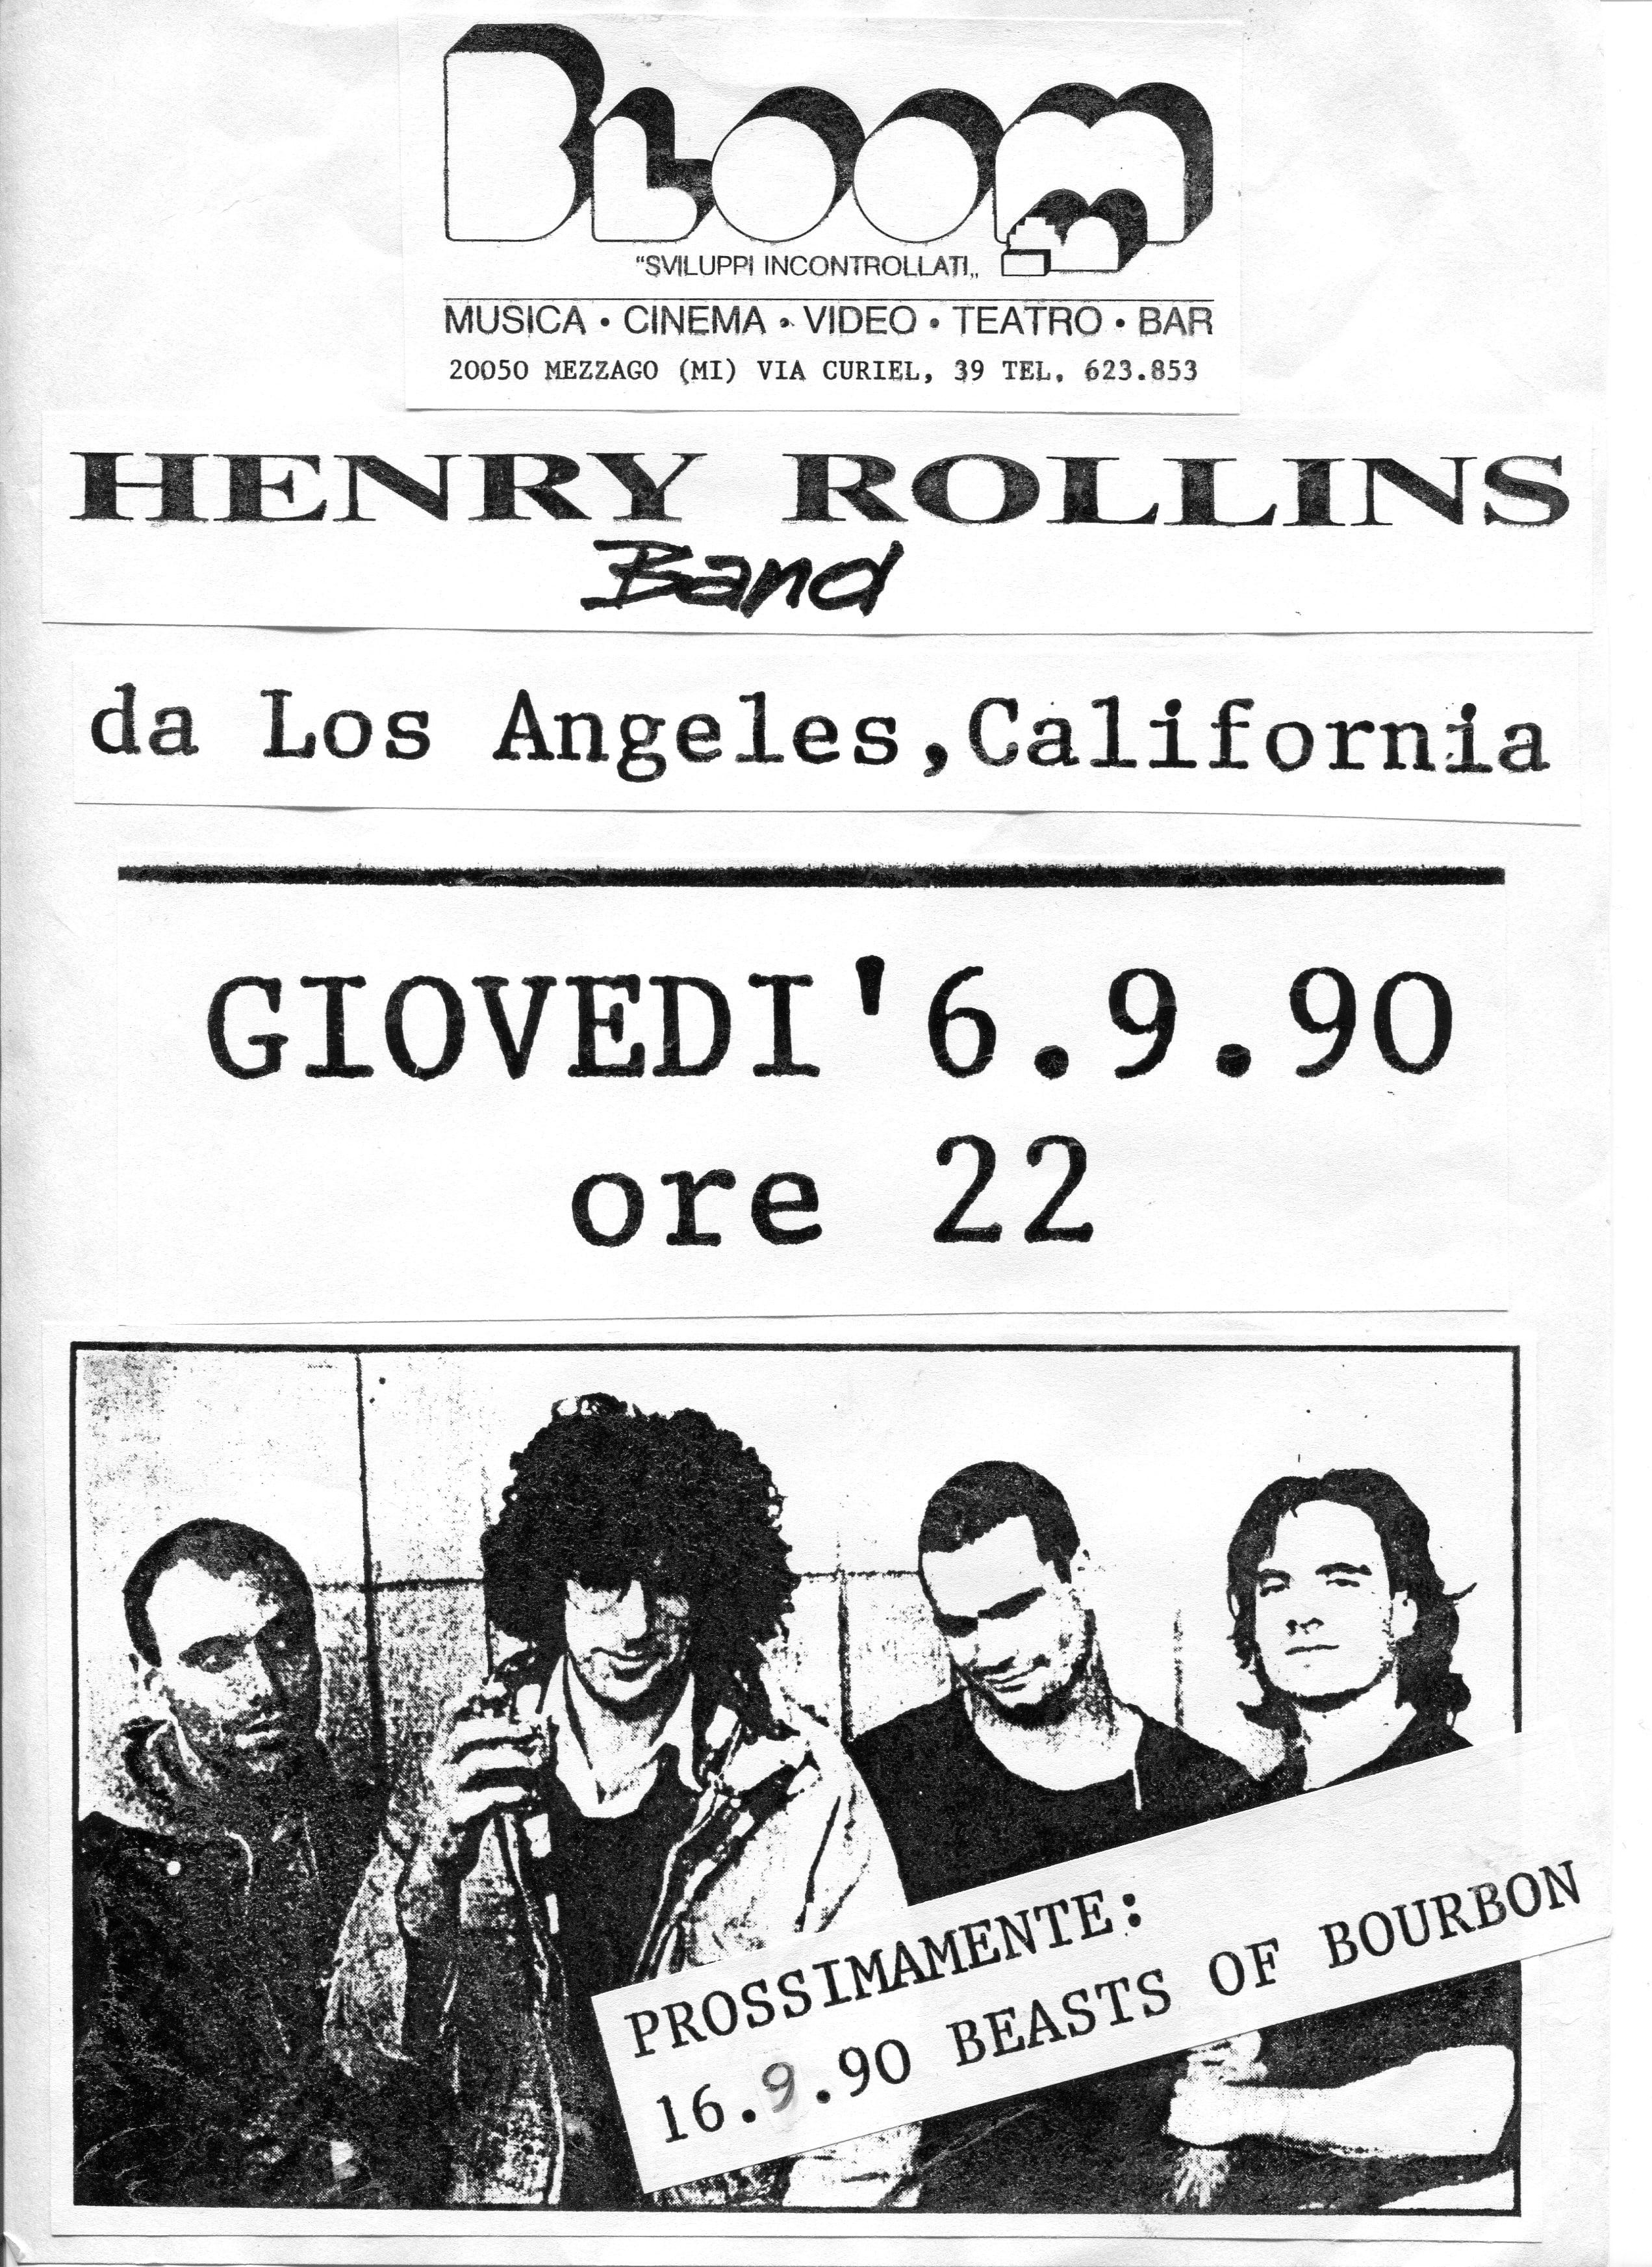 Volantino fotocopiato del concerto di Henry Rollins. 1990